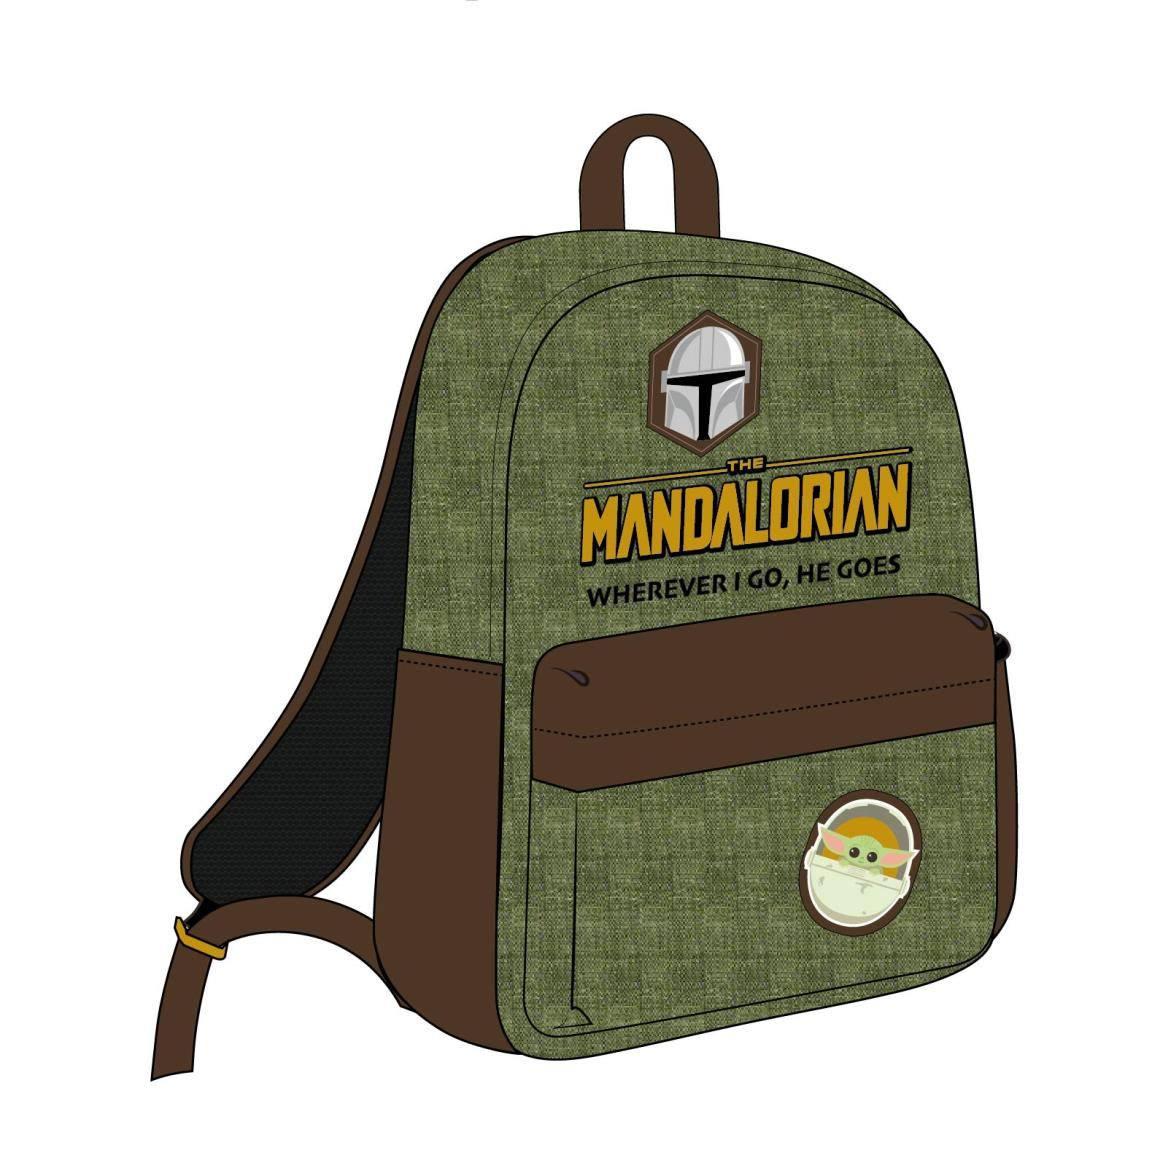 Star Wars The Mandalorian Backpack Wherever I Go